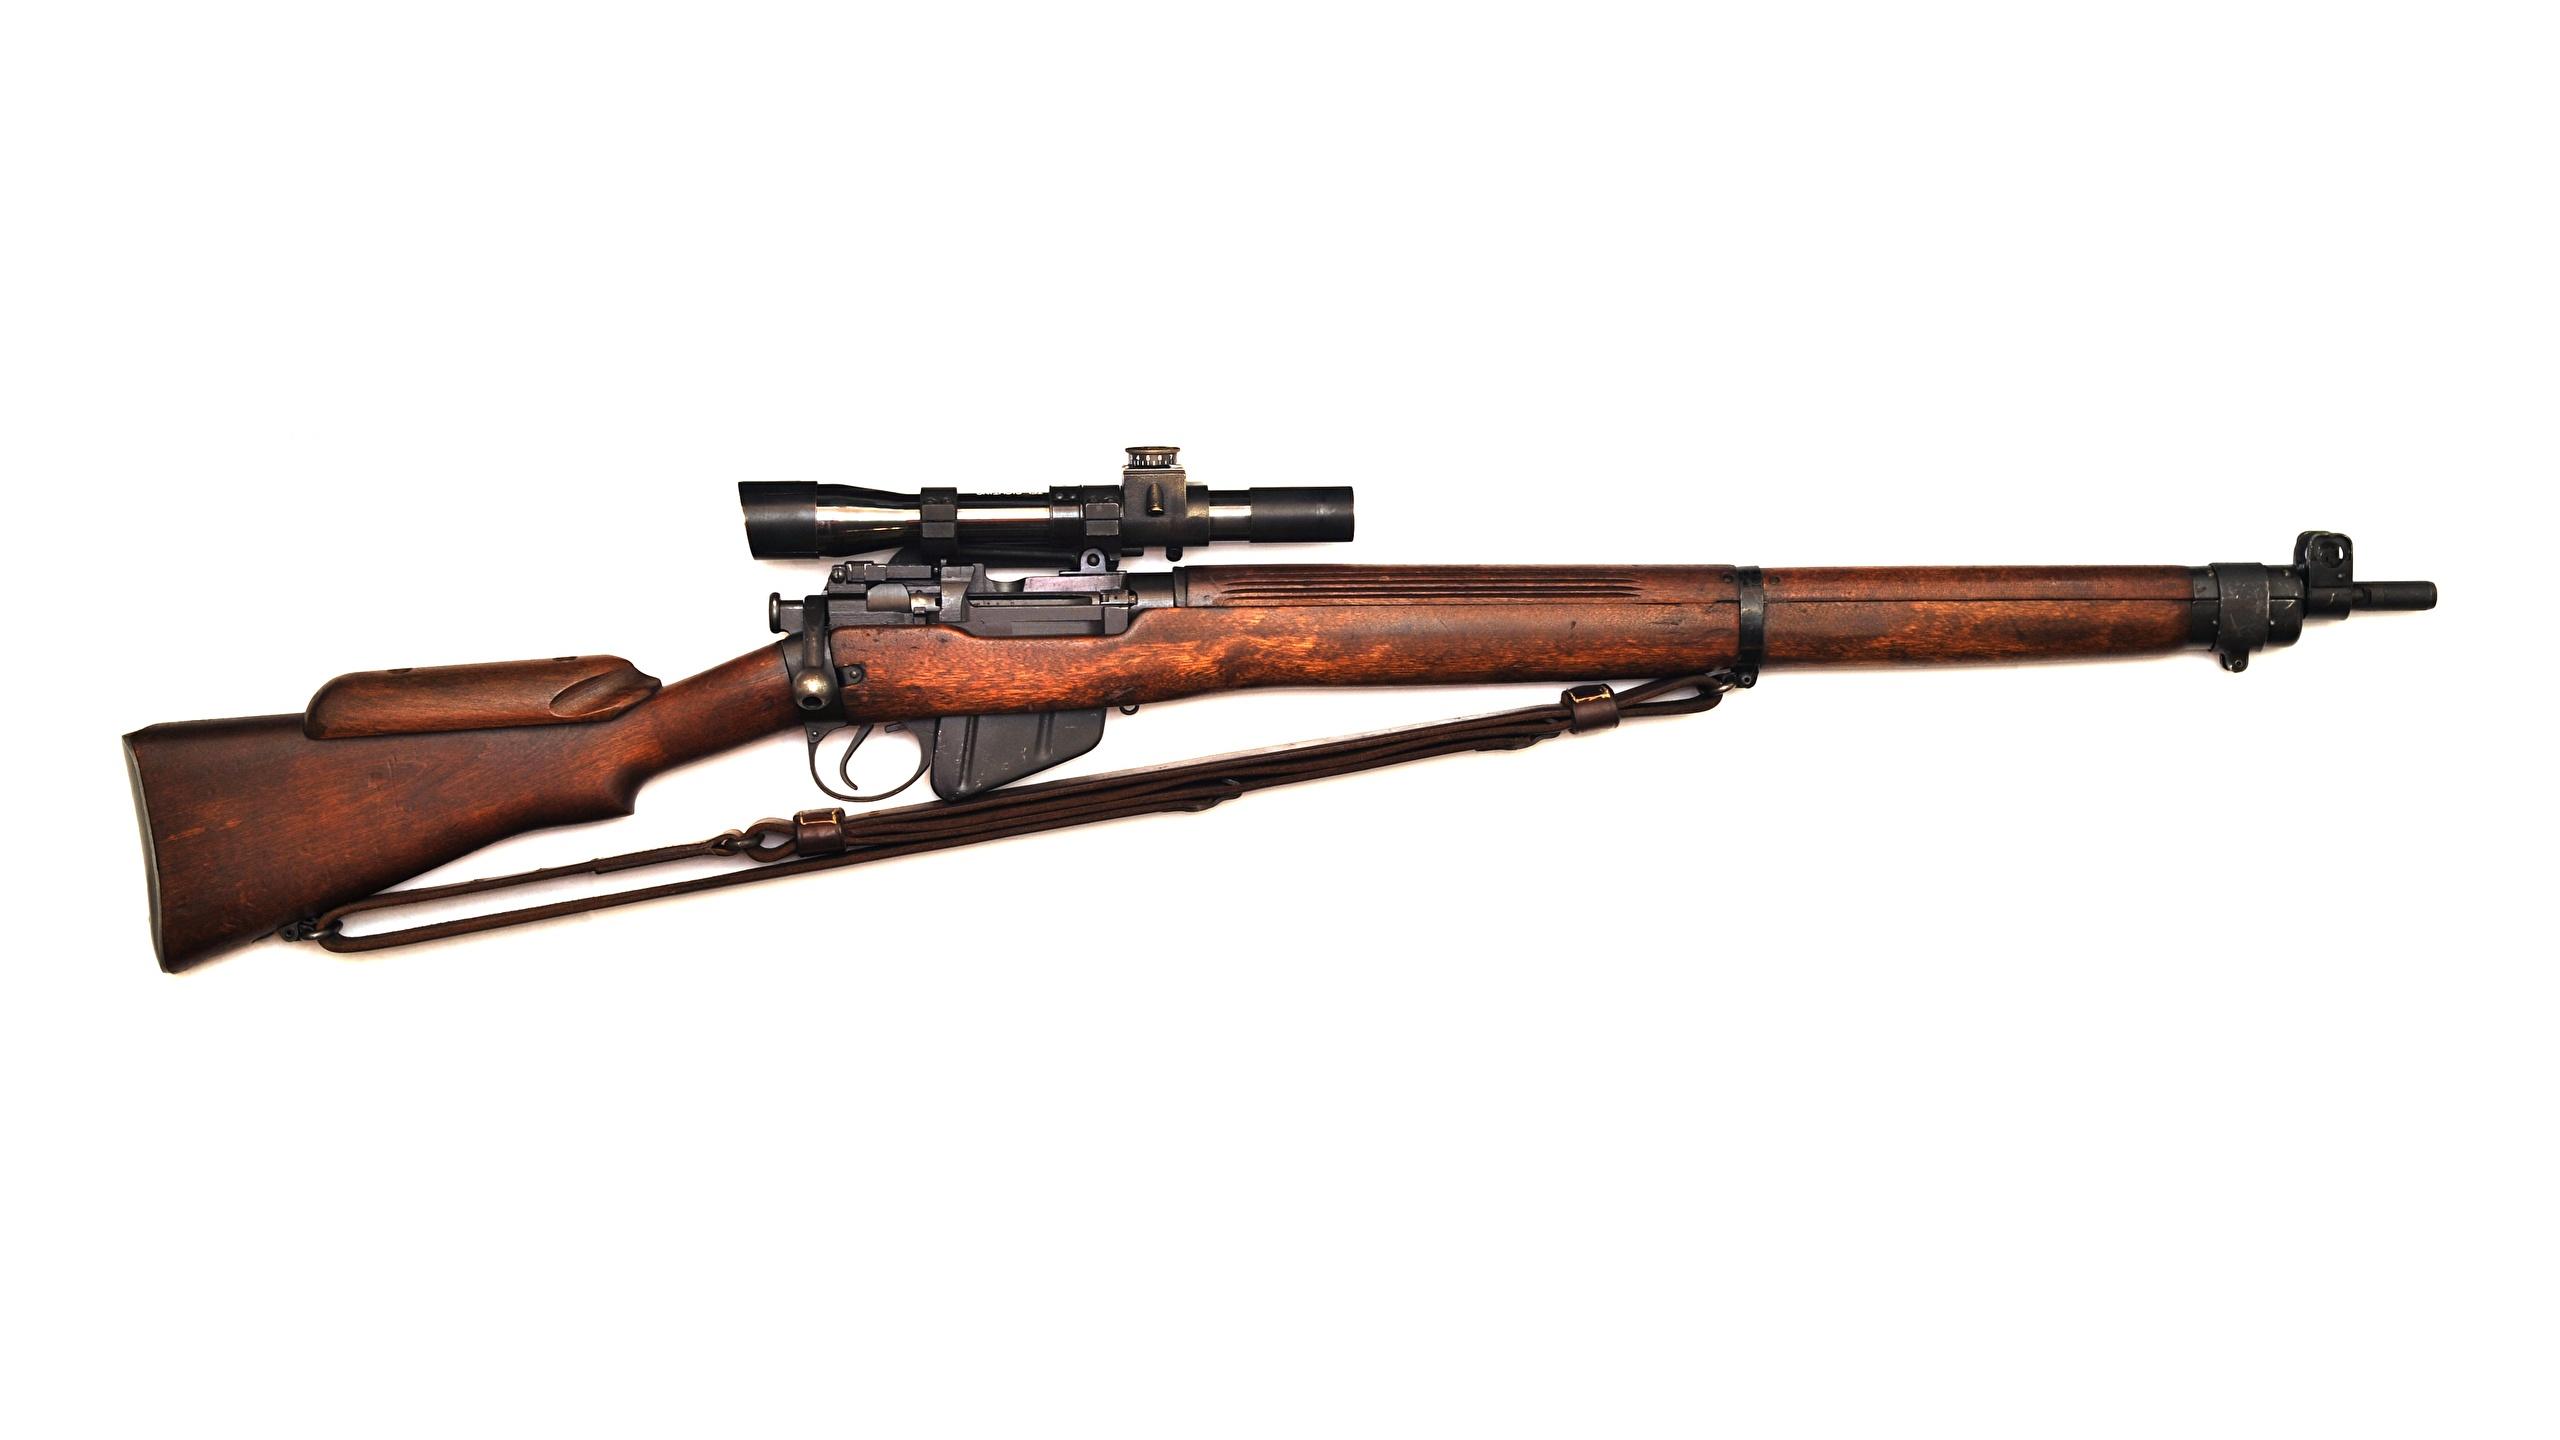 Fonds Decran 2560x1440 Fusil Fusil De Précision Lee Enfield